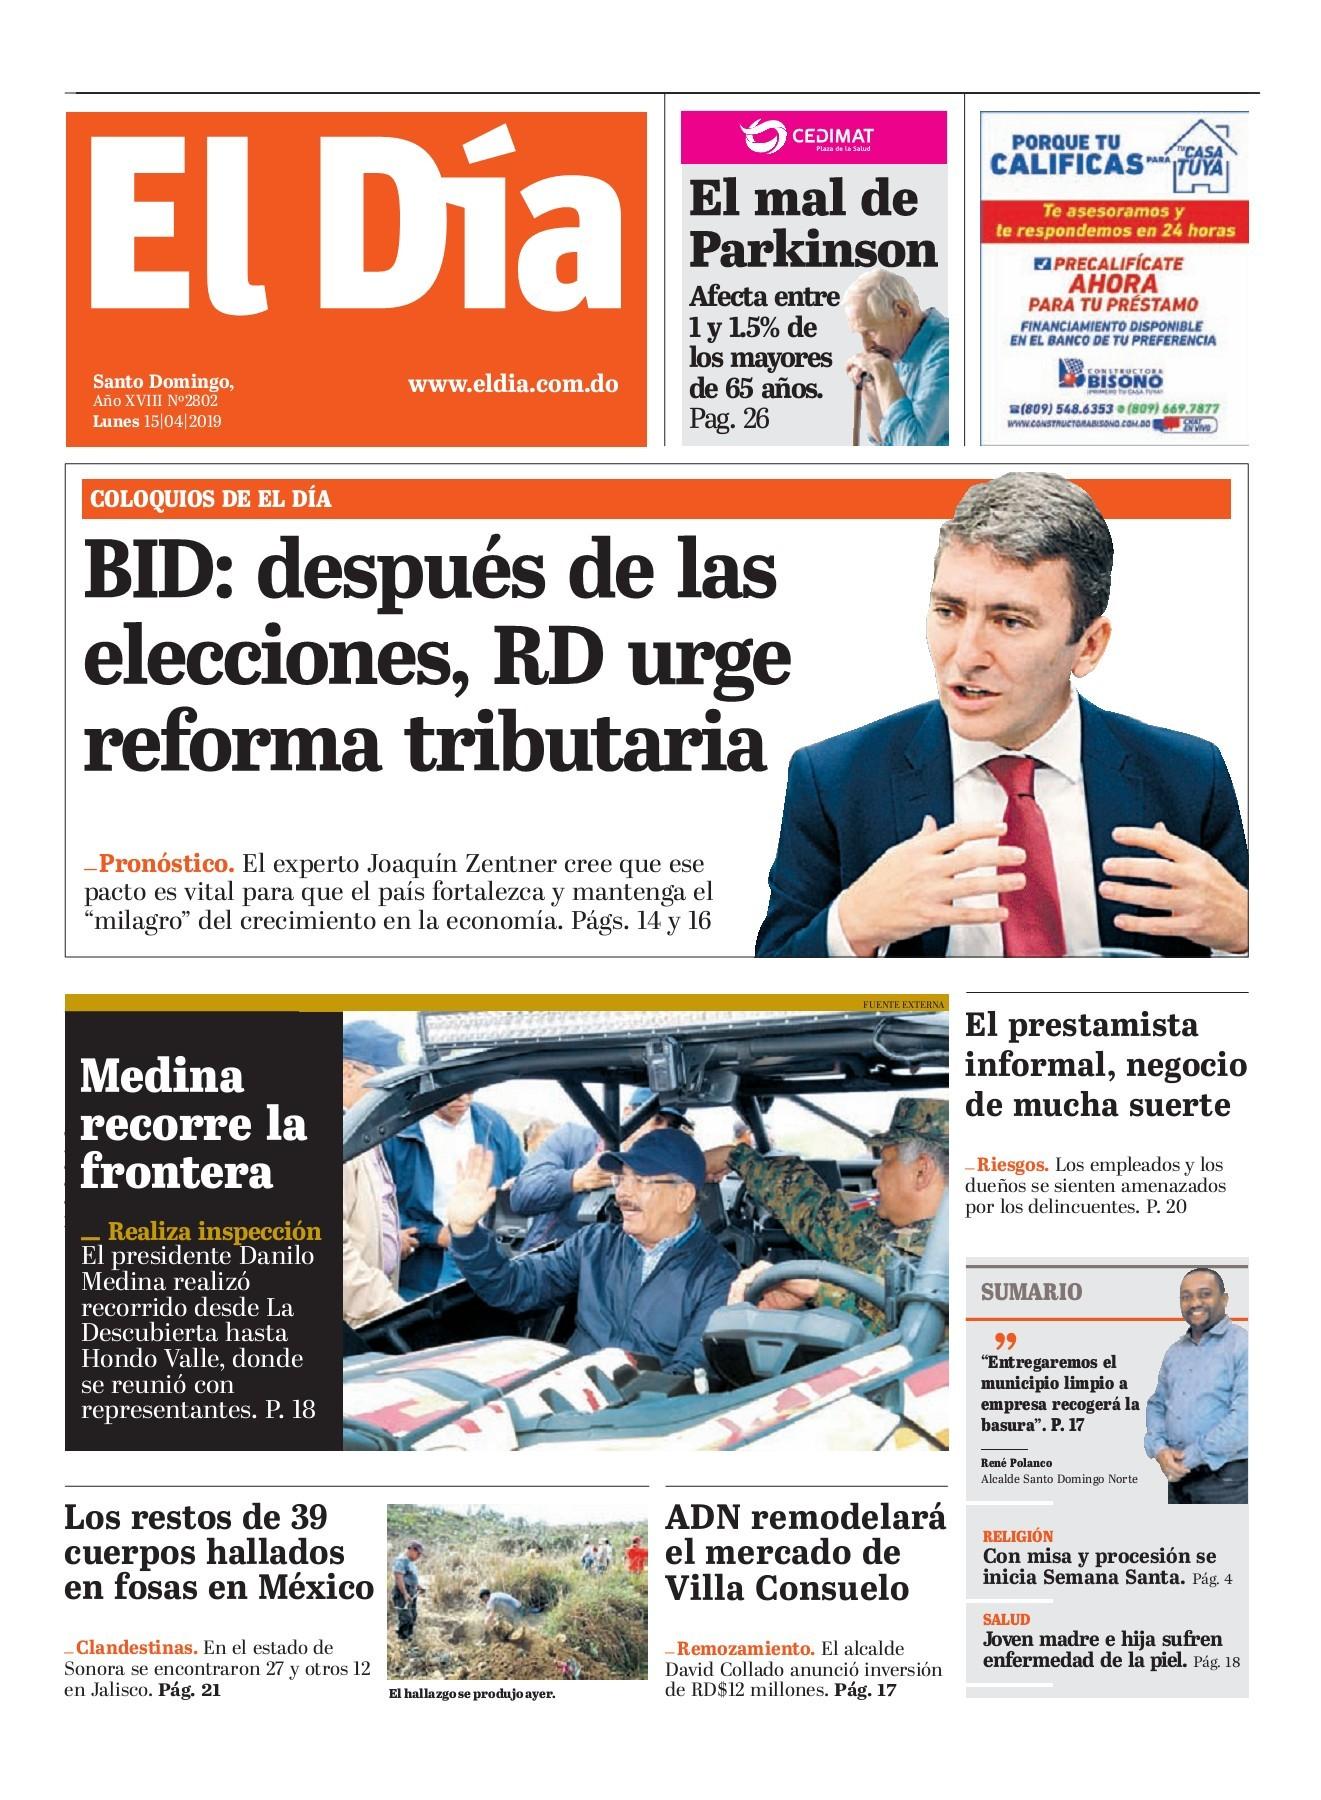 Portada Periódico El Día, Lunes 15 Abril 2019